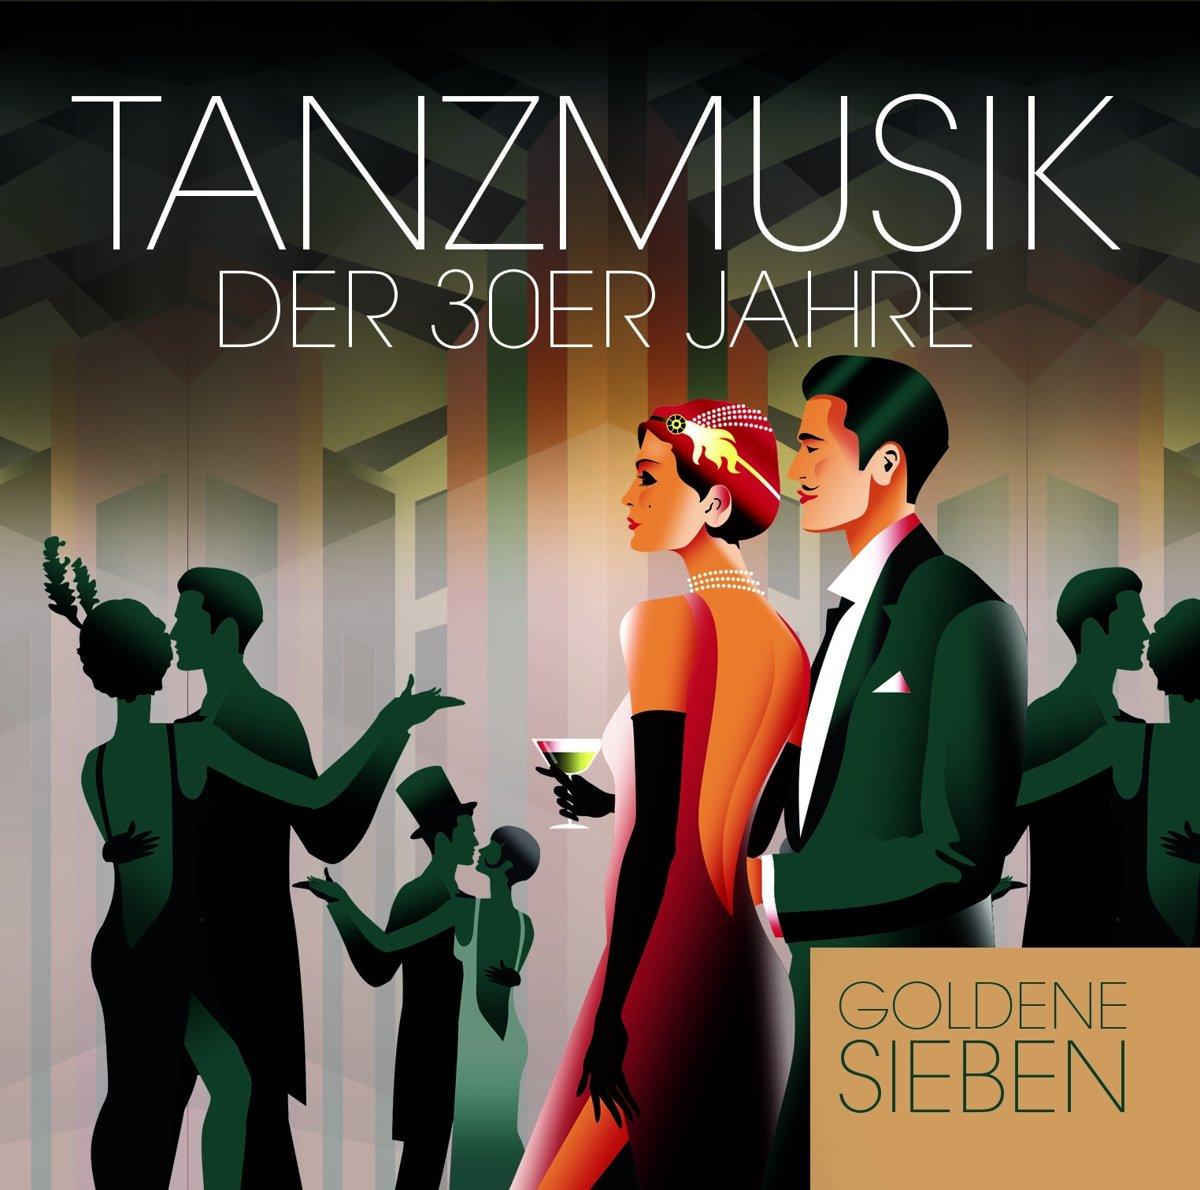 Die Goldene Sieben Goldene Sieben. Tanzmusik Der 30er Jahre der goldene ring